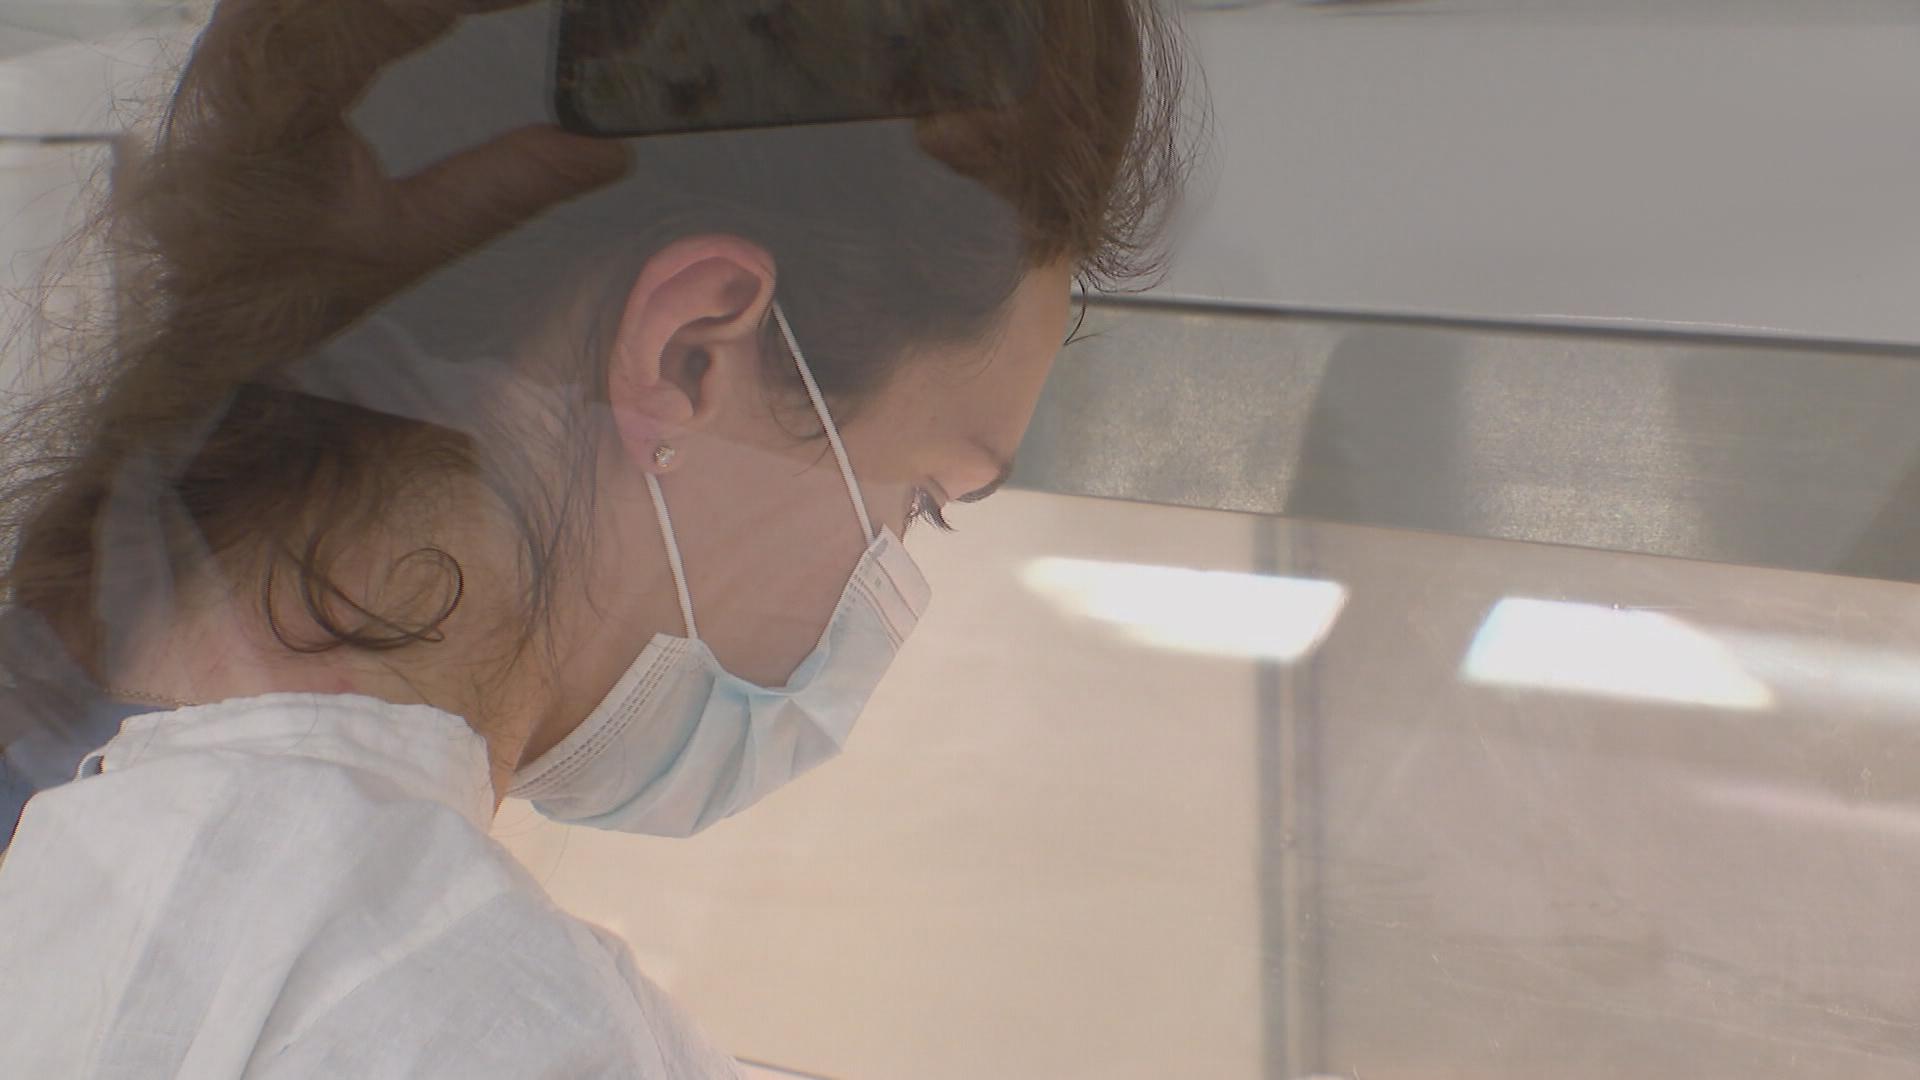 vakciny ot kovid - Белорусскую антиковидную вакцину будут делать под Витебском (видео)